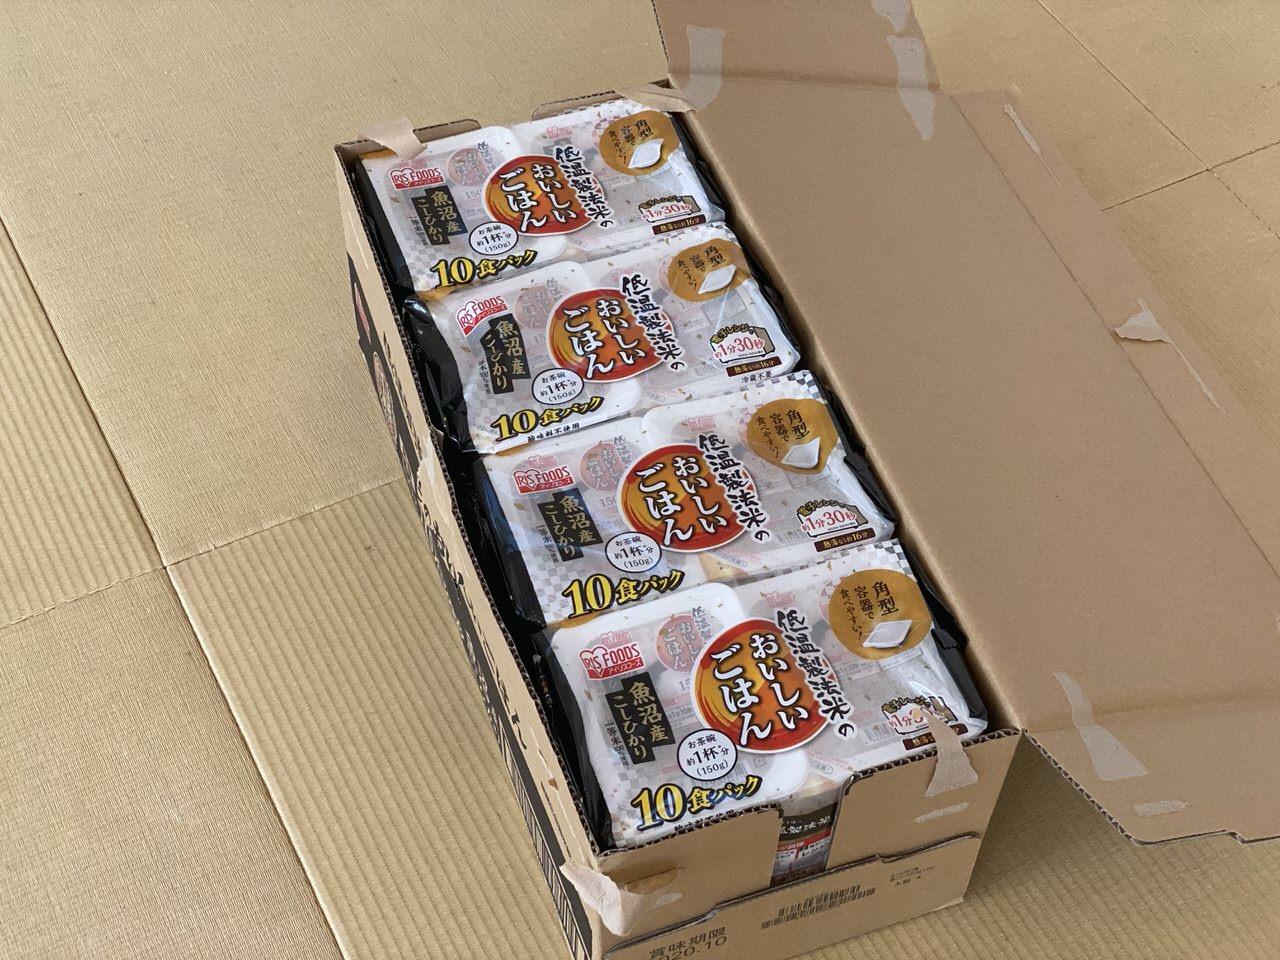 アイリスオーヤマ「低温製法米のおいしいごはん」2